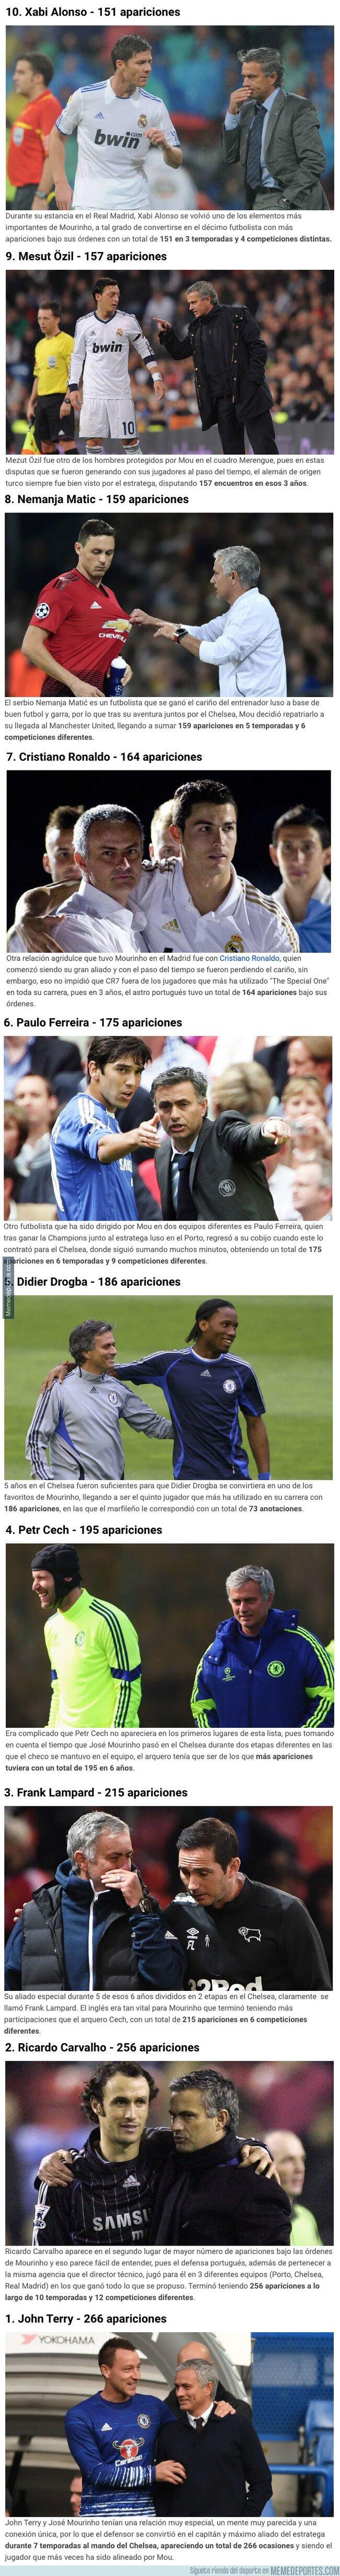 1089199 - Los 10 futbolistas que más partidos jugaron bajo las órdenes de José Mourinho